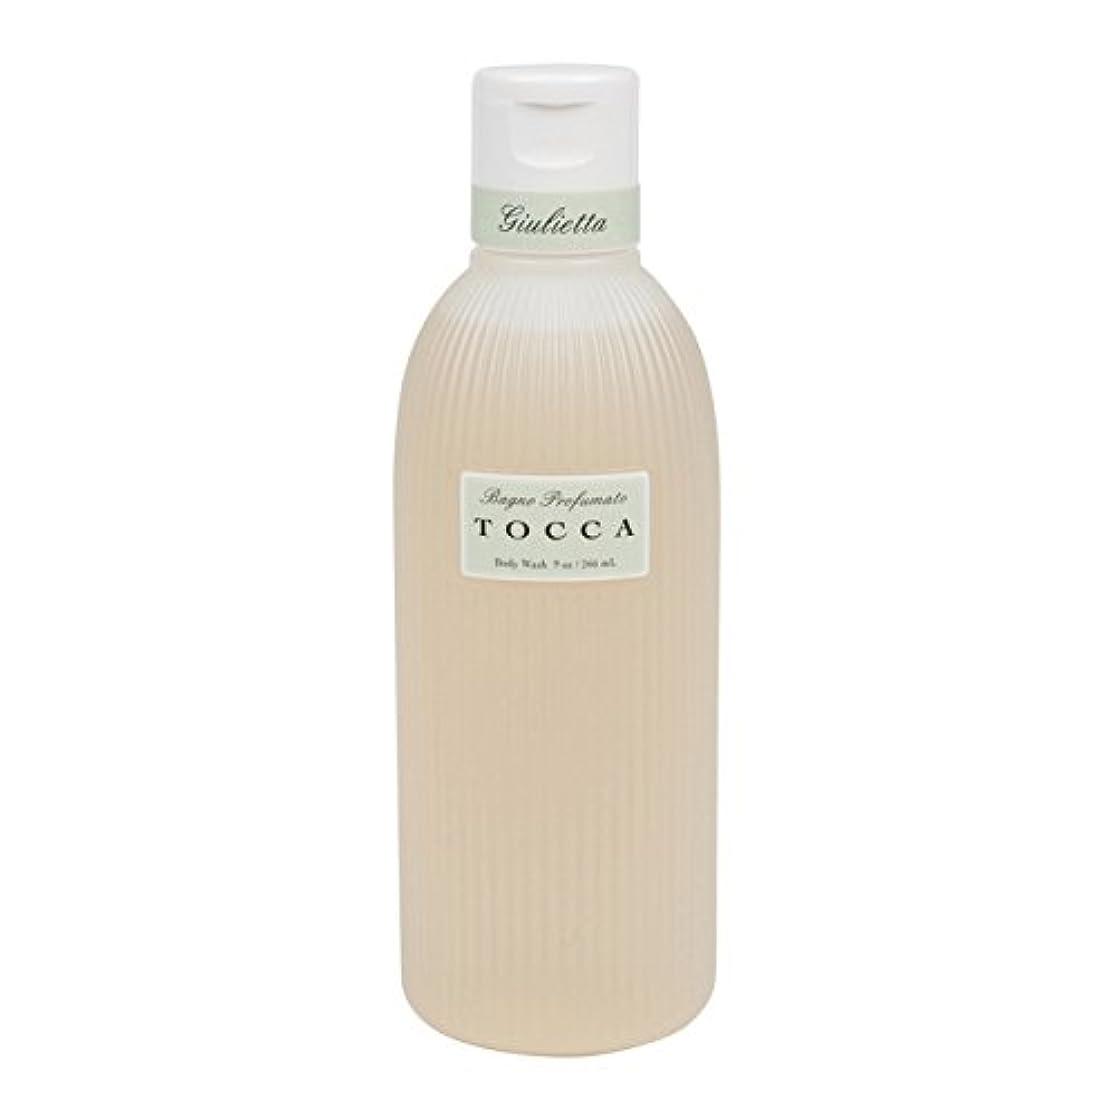 白雪姫羊飼い報酬トッカ(TOCCA) ボディーケアウォッシュ ジュリエッタの香り  266ml(全身用洗浄料 ボディーソープ ピンクチューリップとグリーンアップルの爽やかで甘い香り)